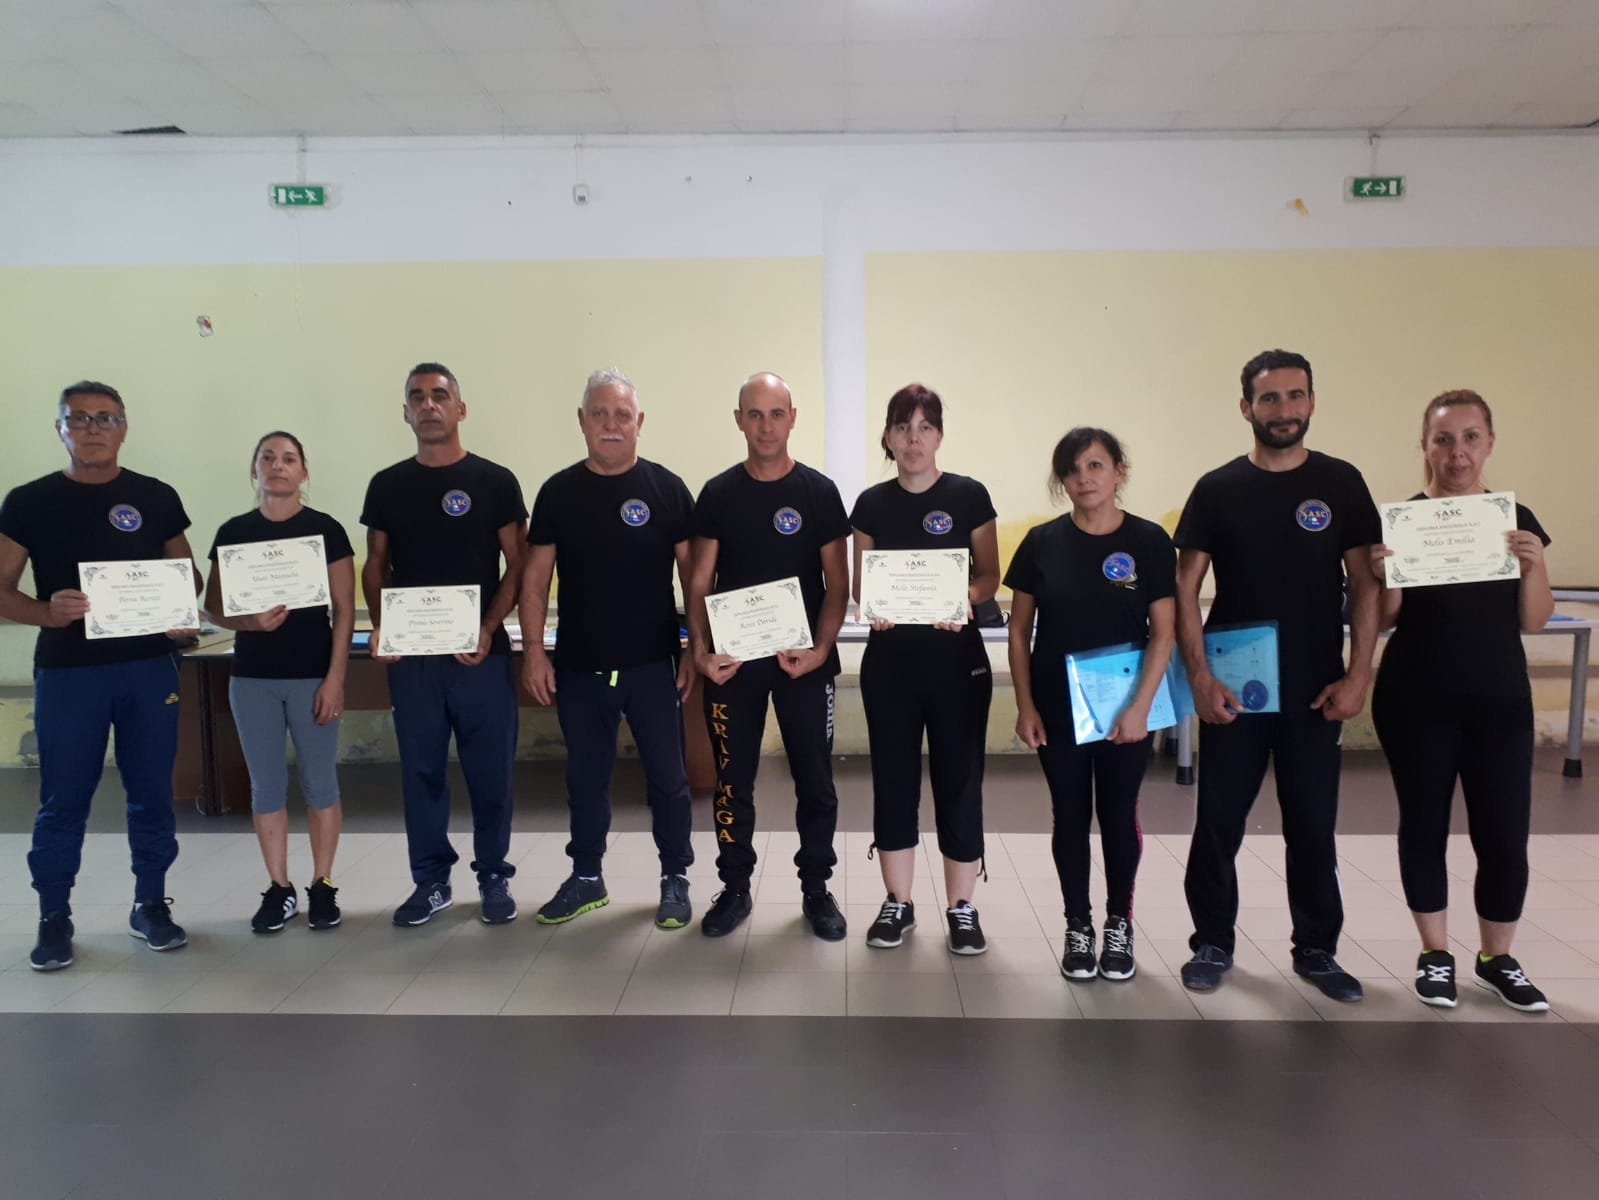 Si è svolto nei giorni scorsi, a Musei, un corso di aggiornamento per ufficiali di gara di karate.